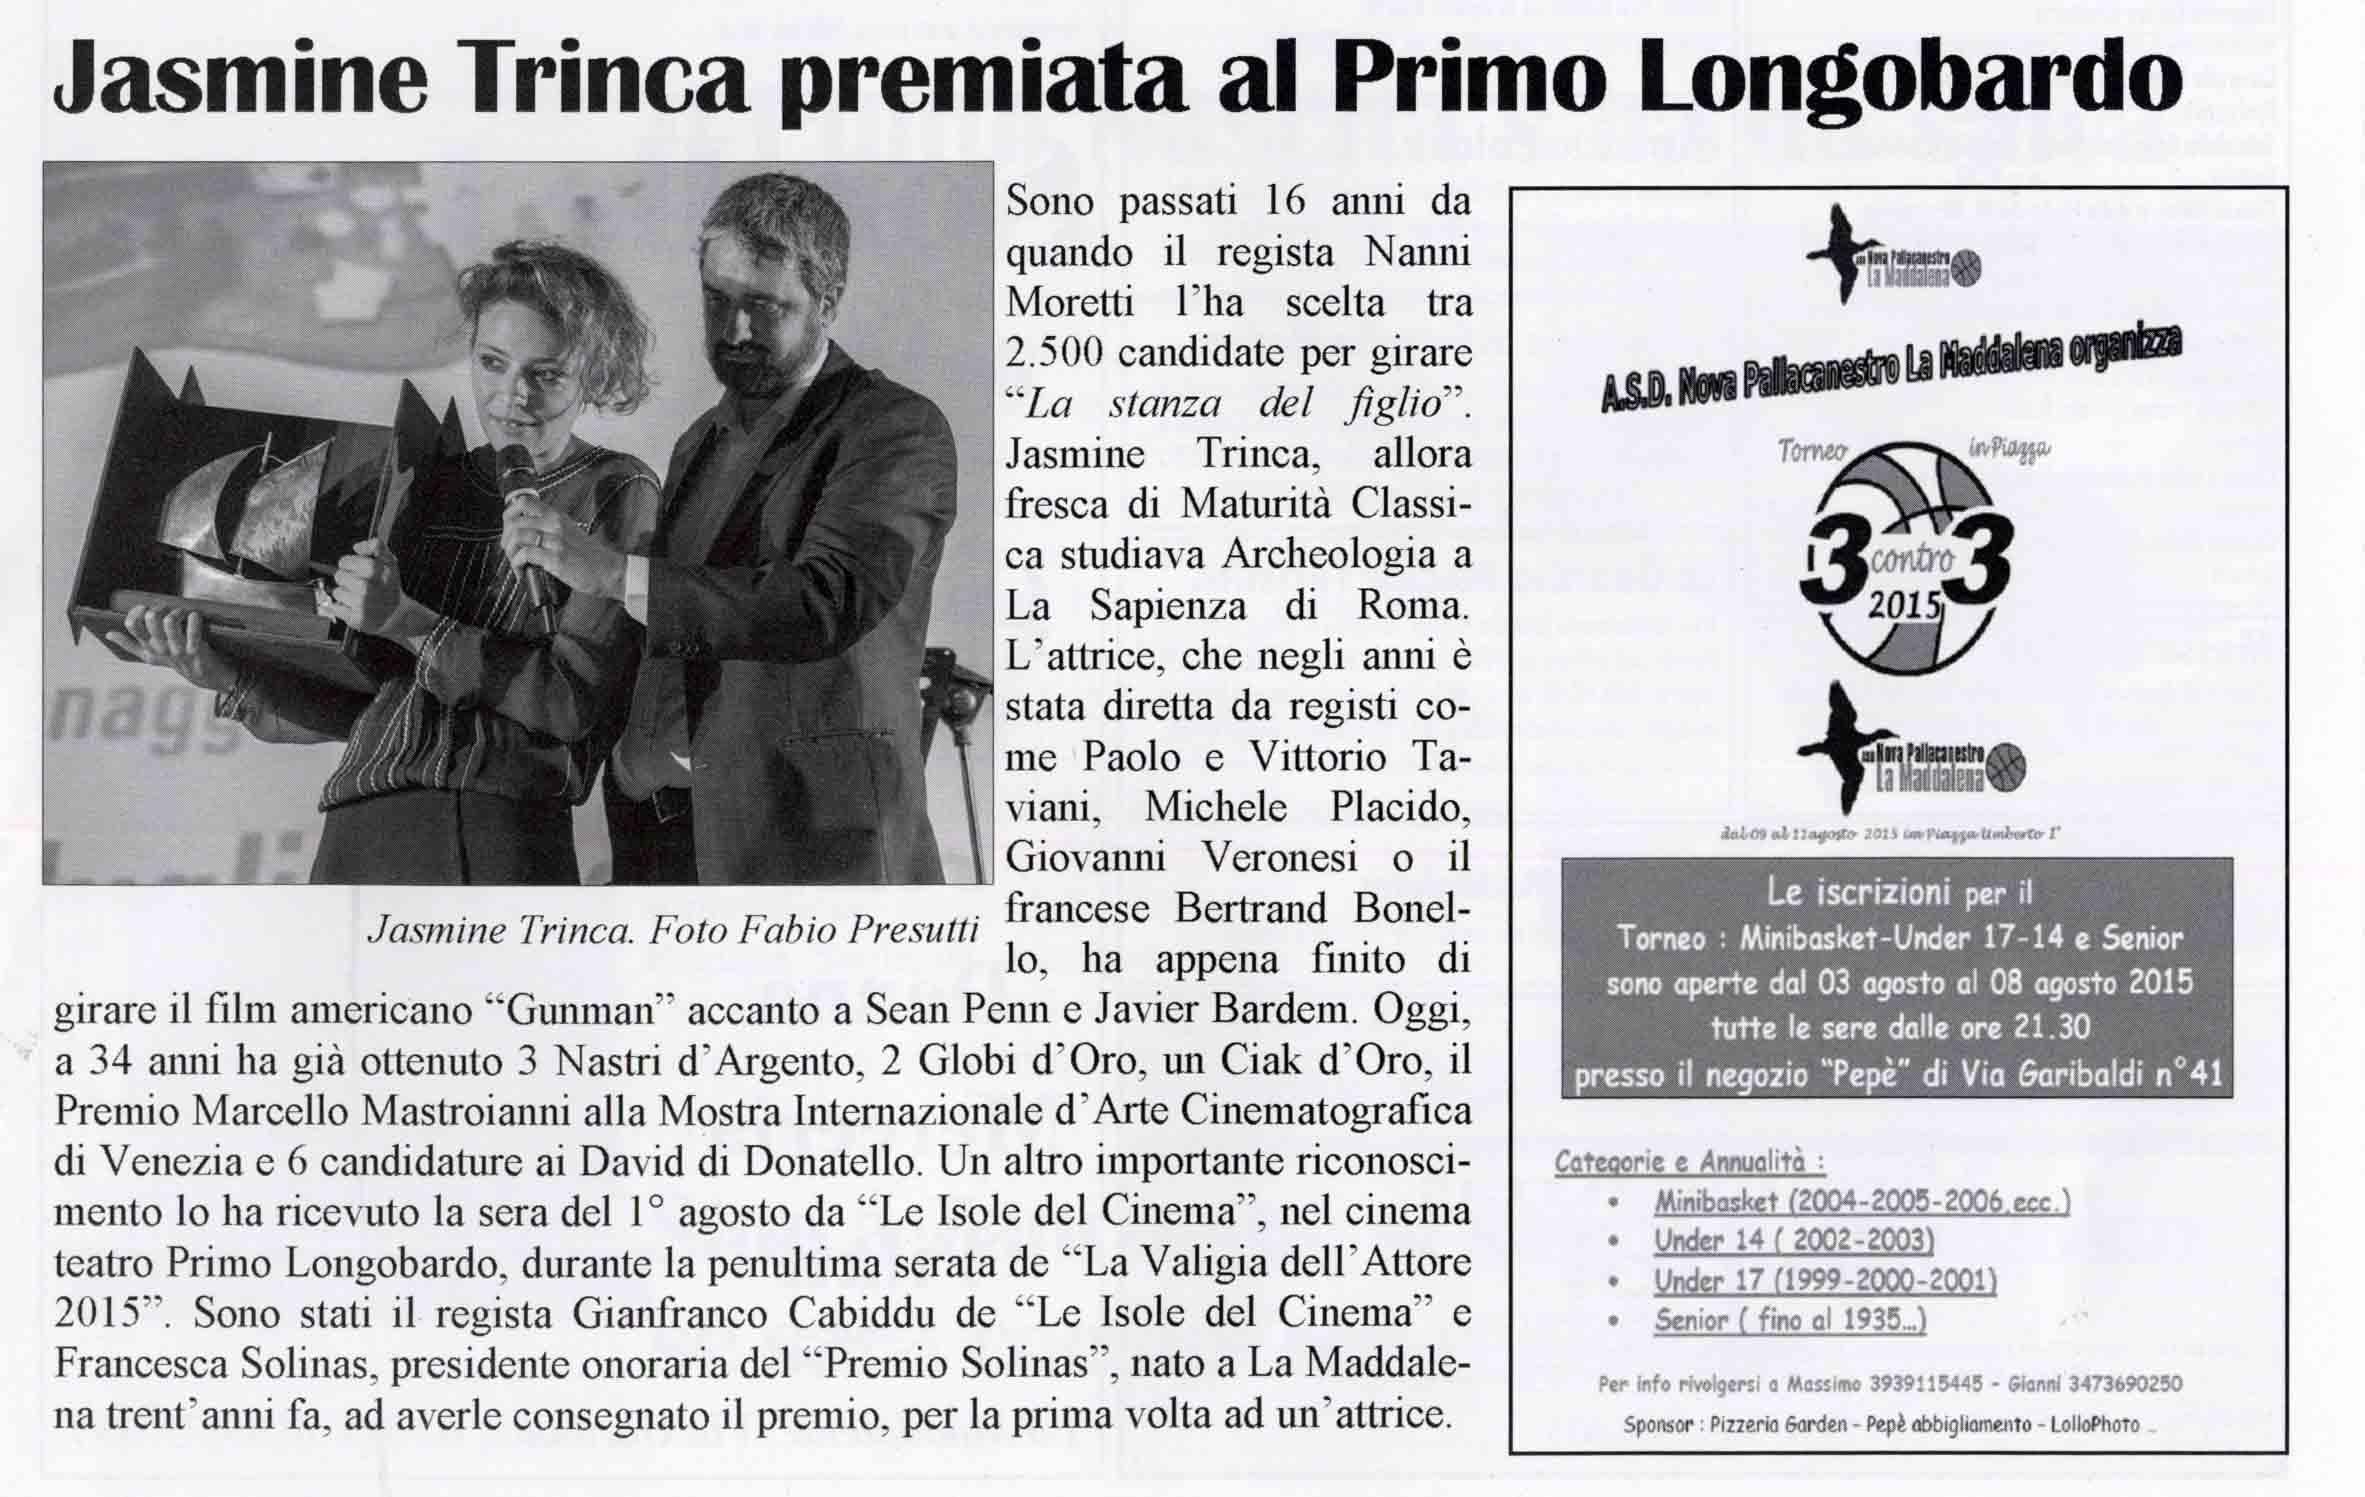 Il Vento - Jasmine Trinca premiata al Longobardo